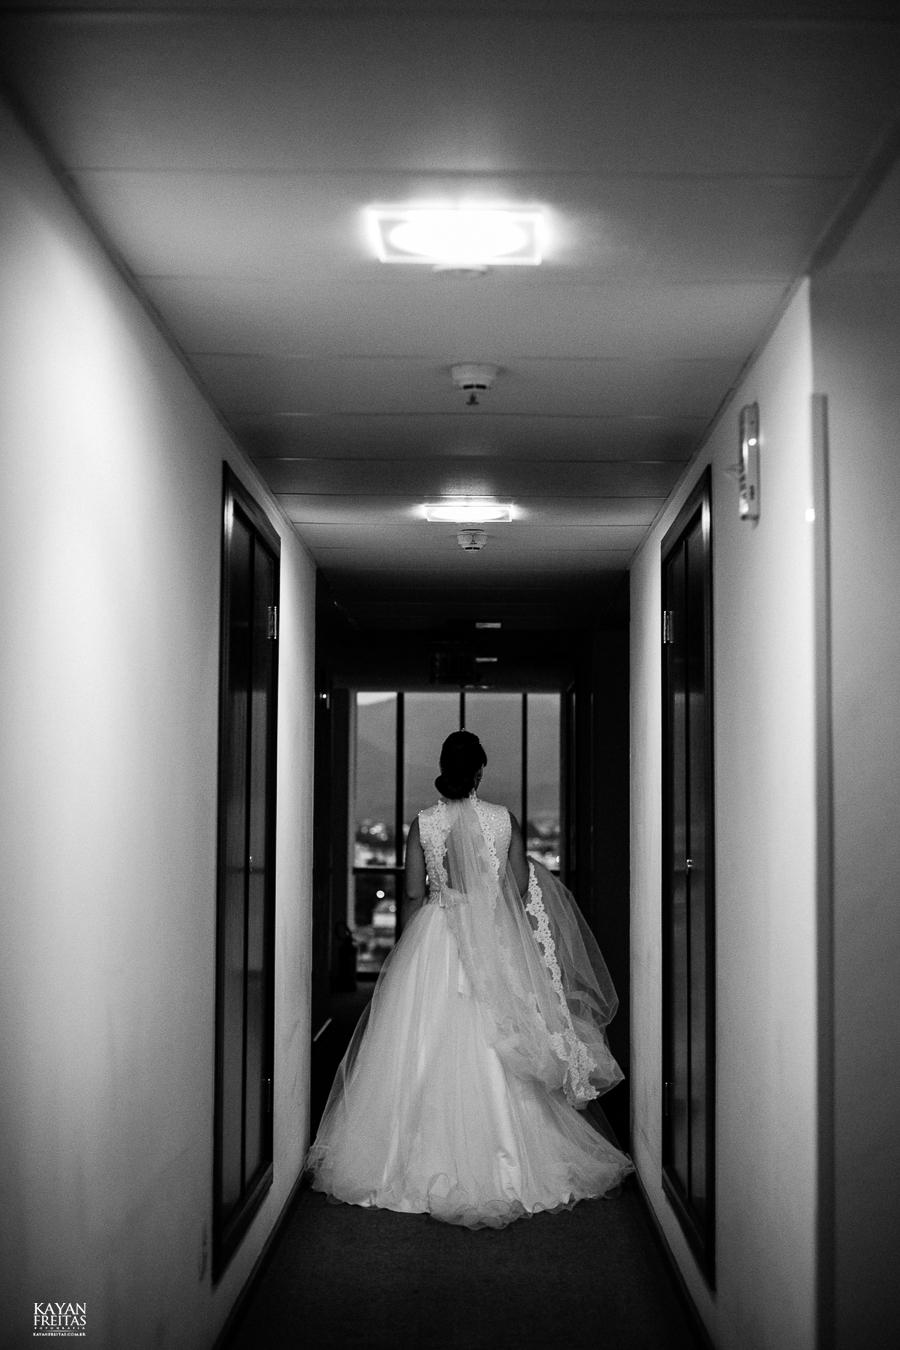 casamento-daiana-bruno-0044 Casamento Daiana e Bruno - Mansão Luchi